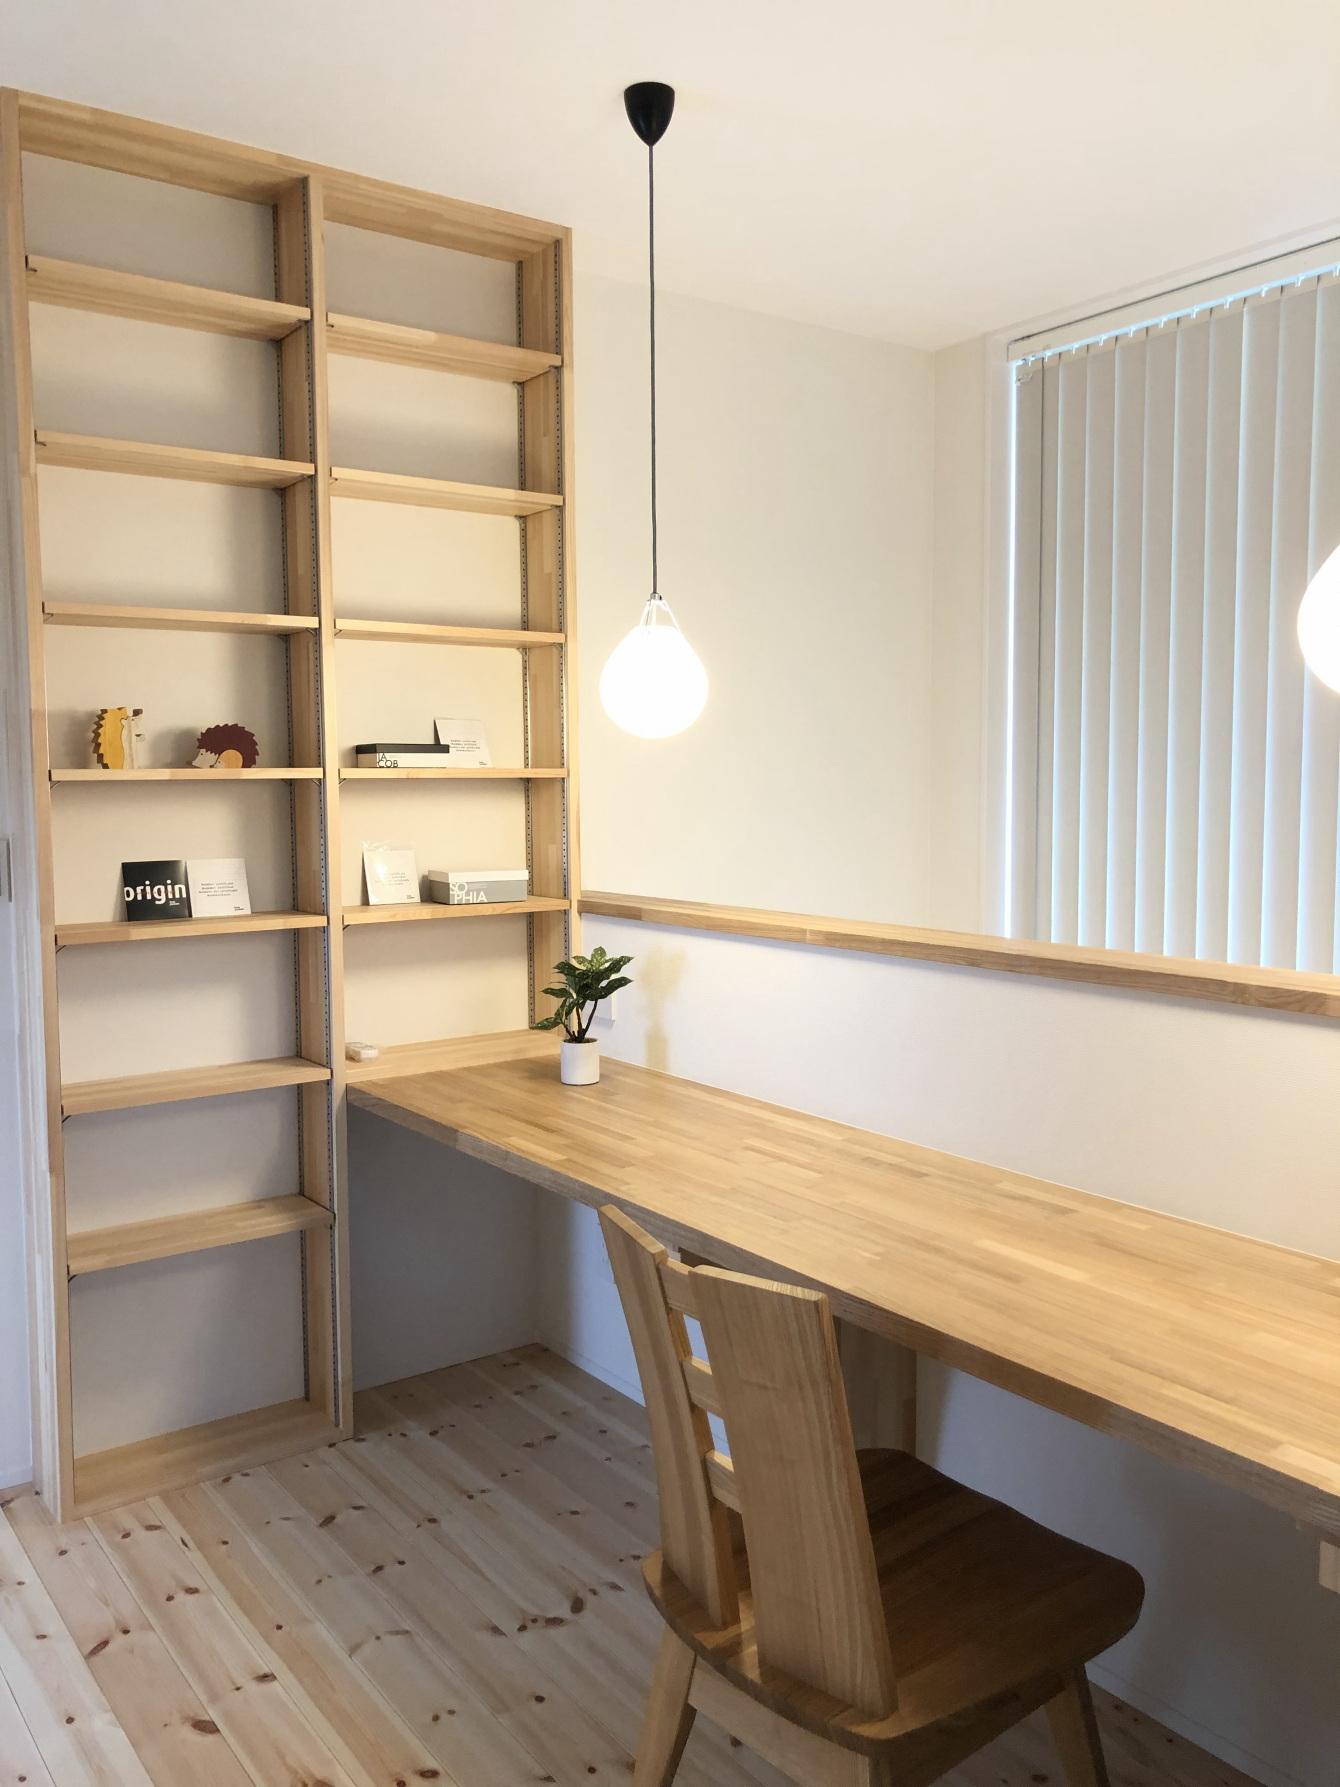 田村市の施工例、コンパクト&北欧デザインの家2階ワークスペース ルイスポールセン照明